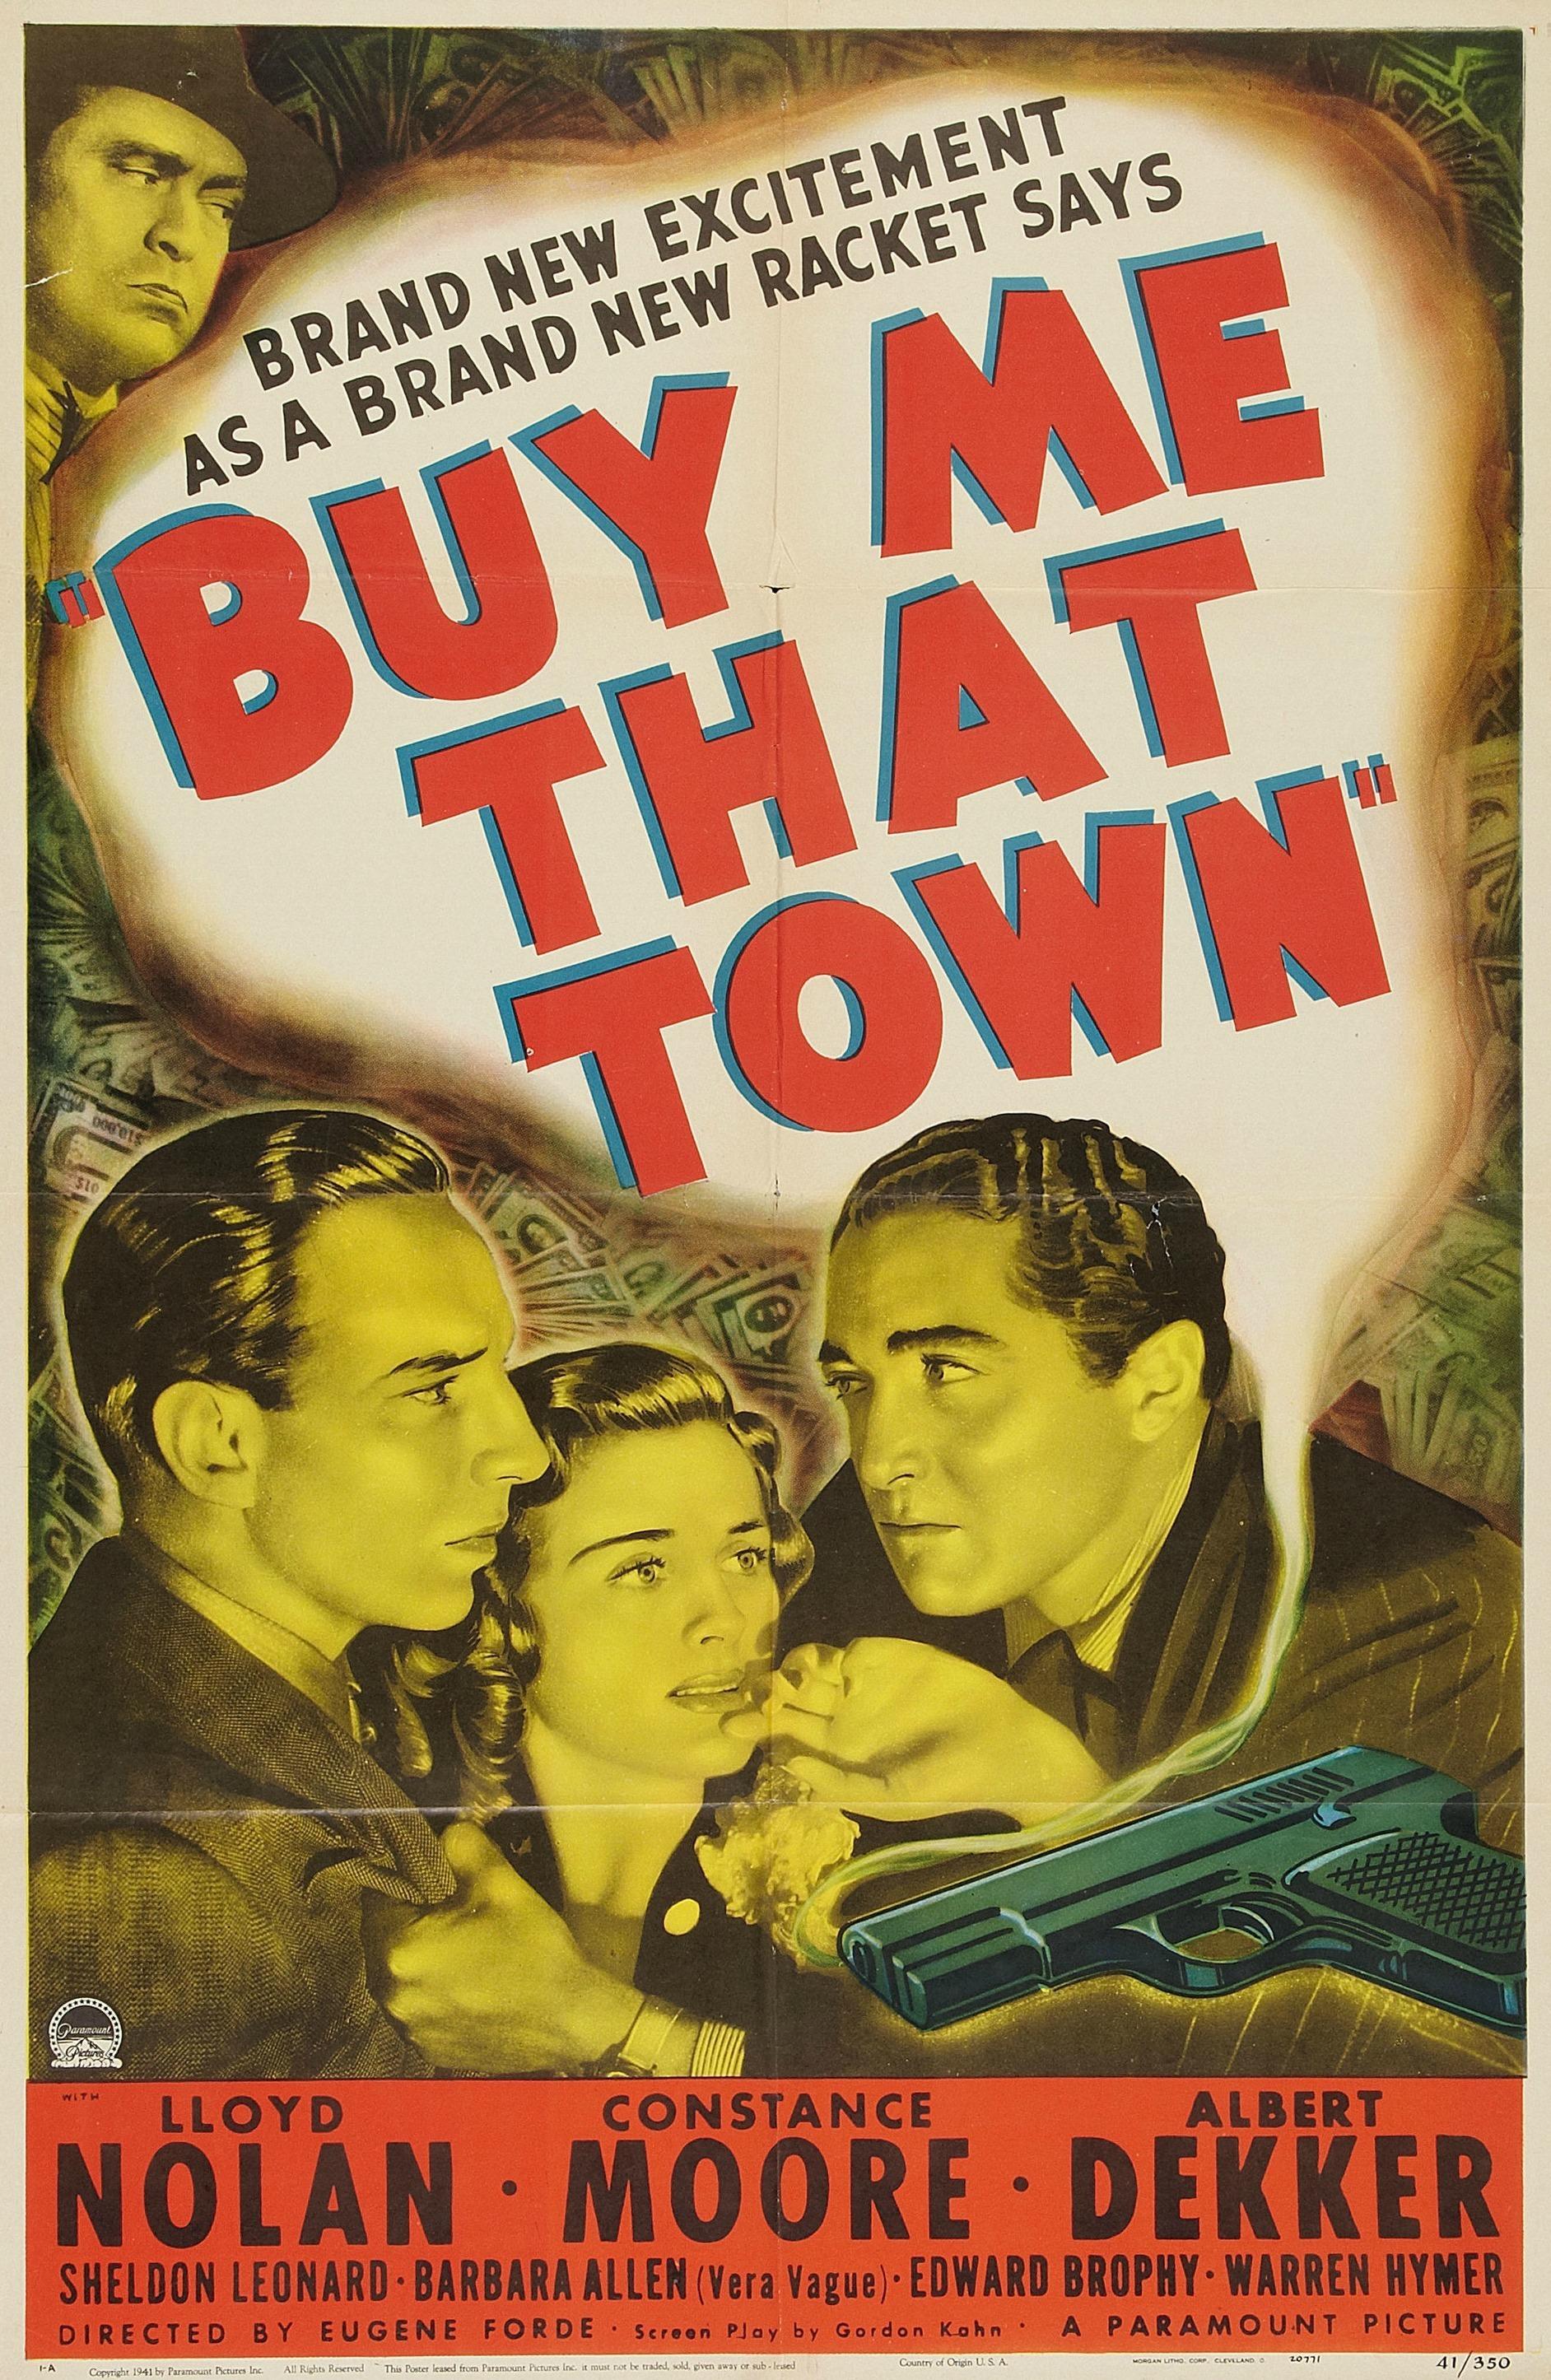 Albert Dekker, Sheldon Leonard, Constance Moore, and Lloyd Nolan in Buy Me That Town (1941)